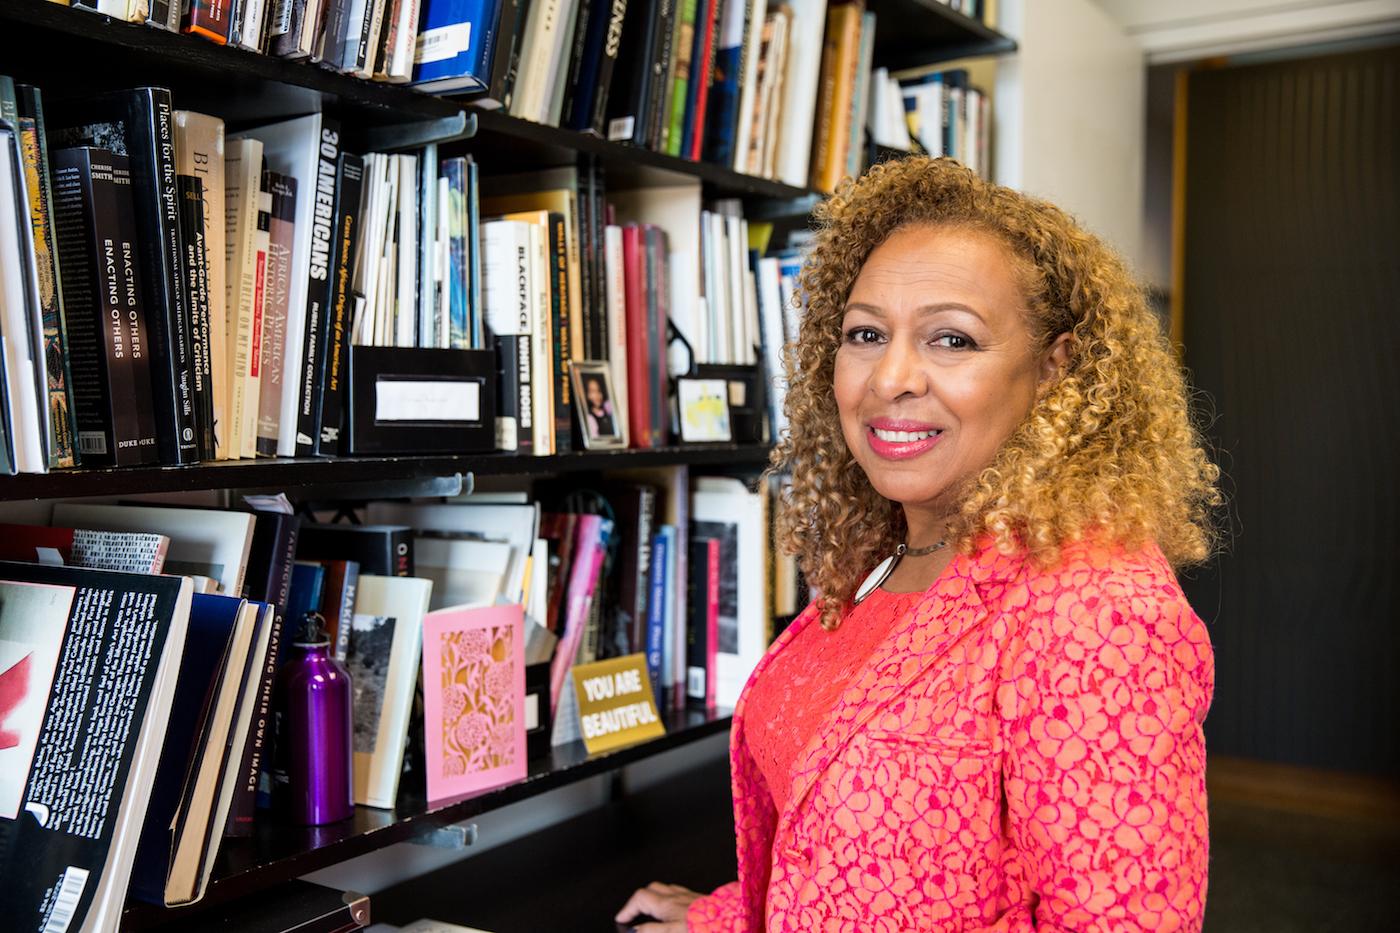 Kellie Jones, 2016 MacArthur Fellow, New York, New York, September 9, 2016